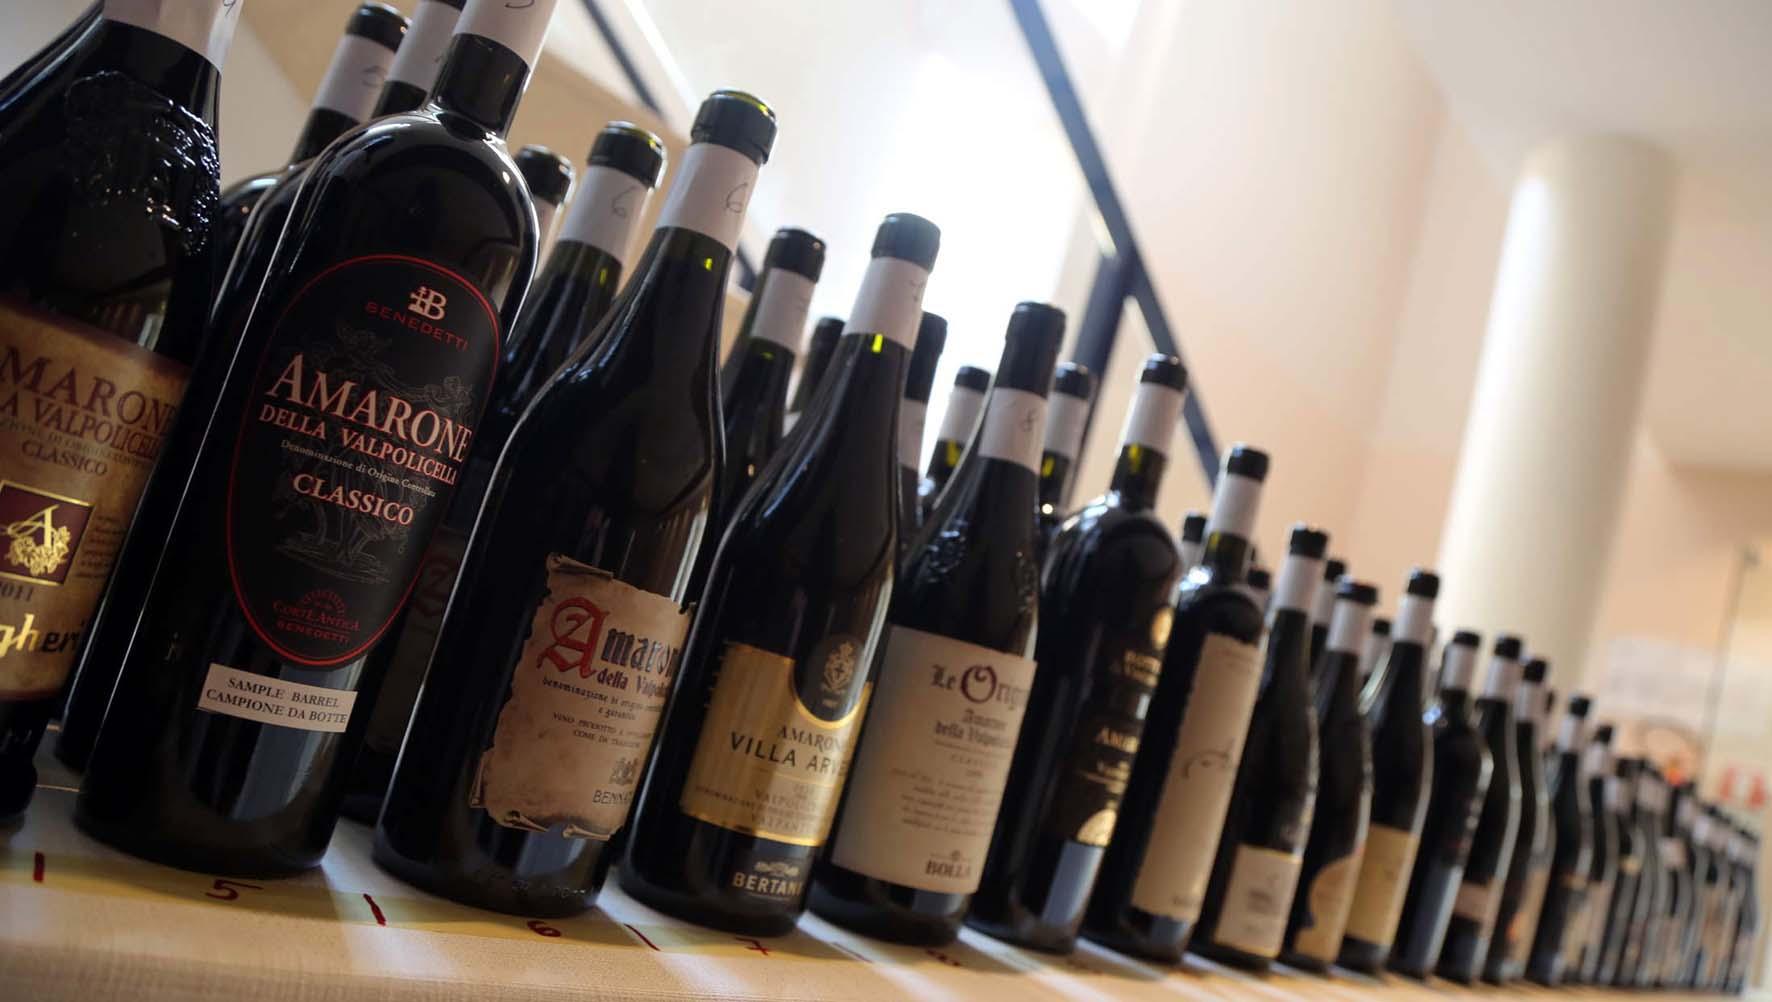 consorzio di tutela vini valpolicella